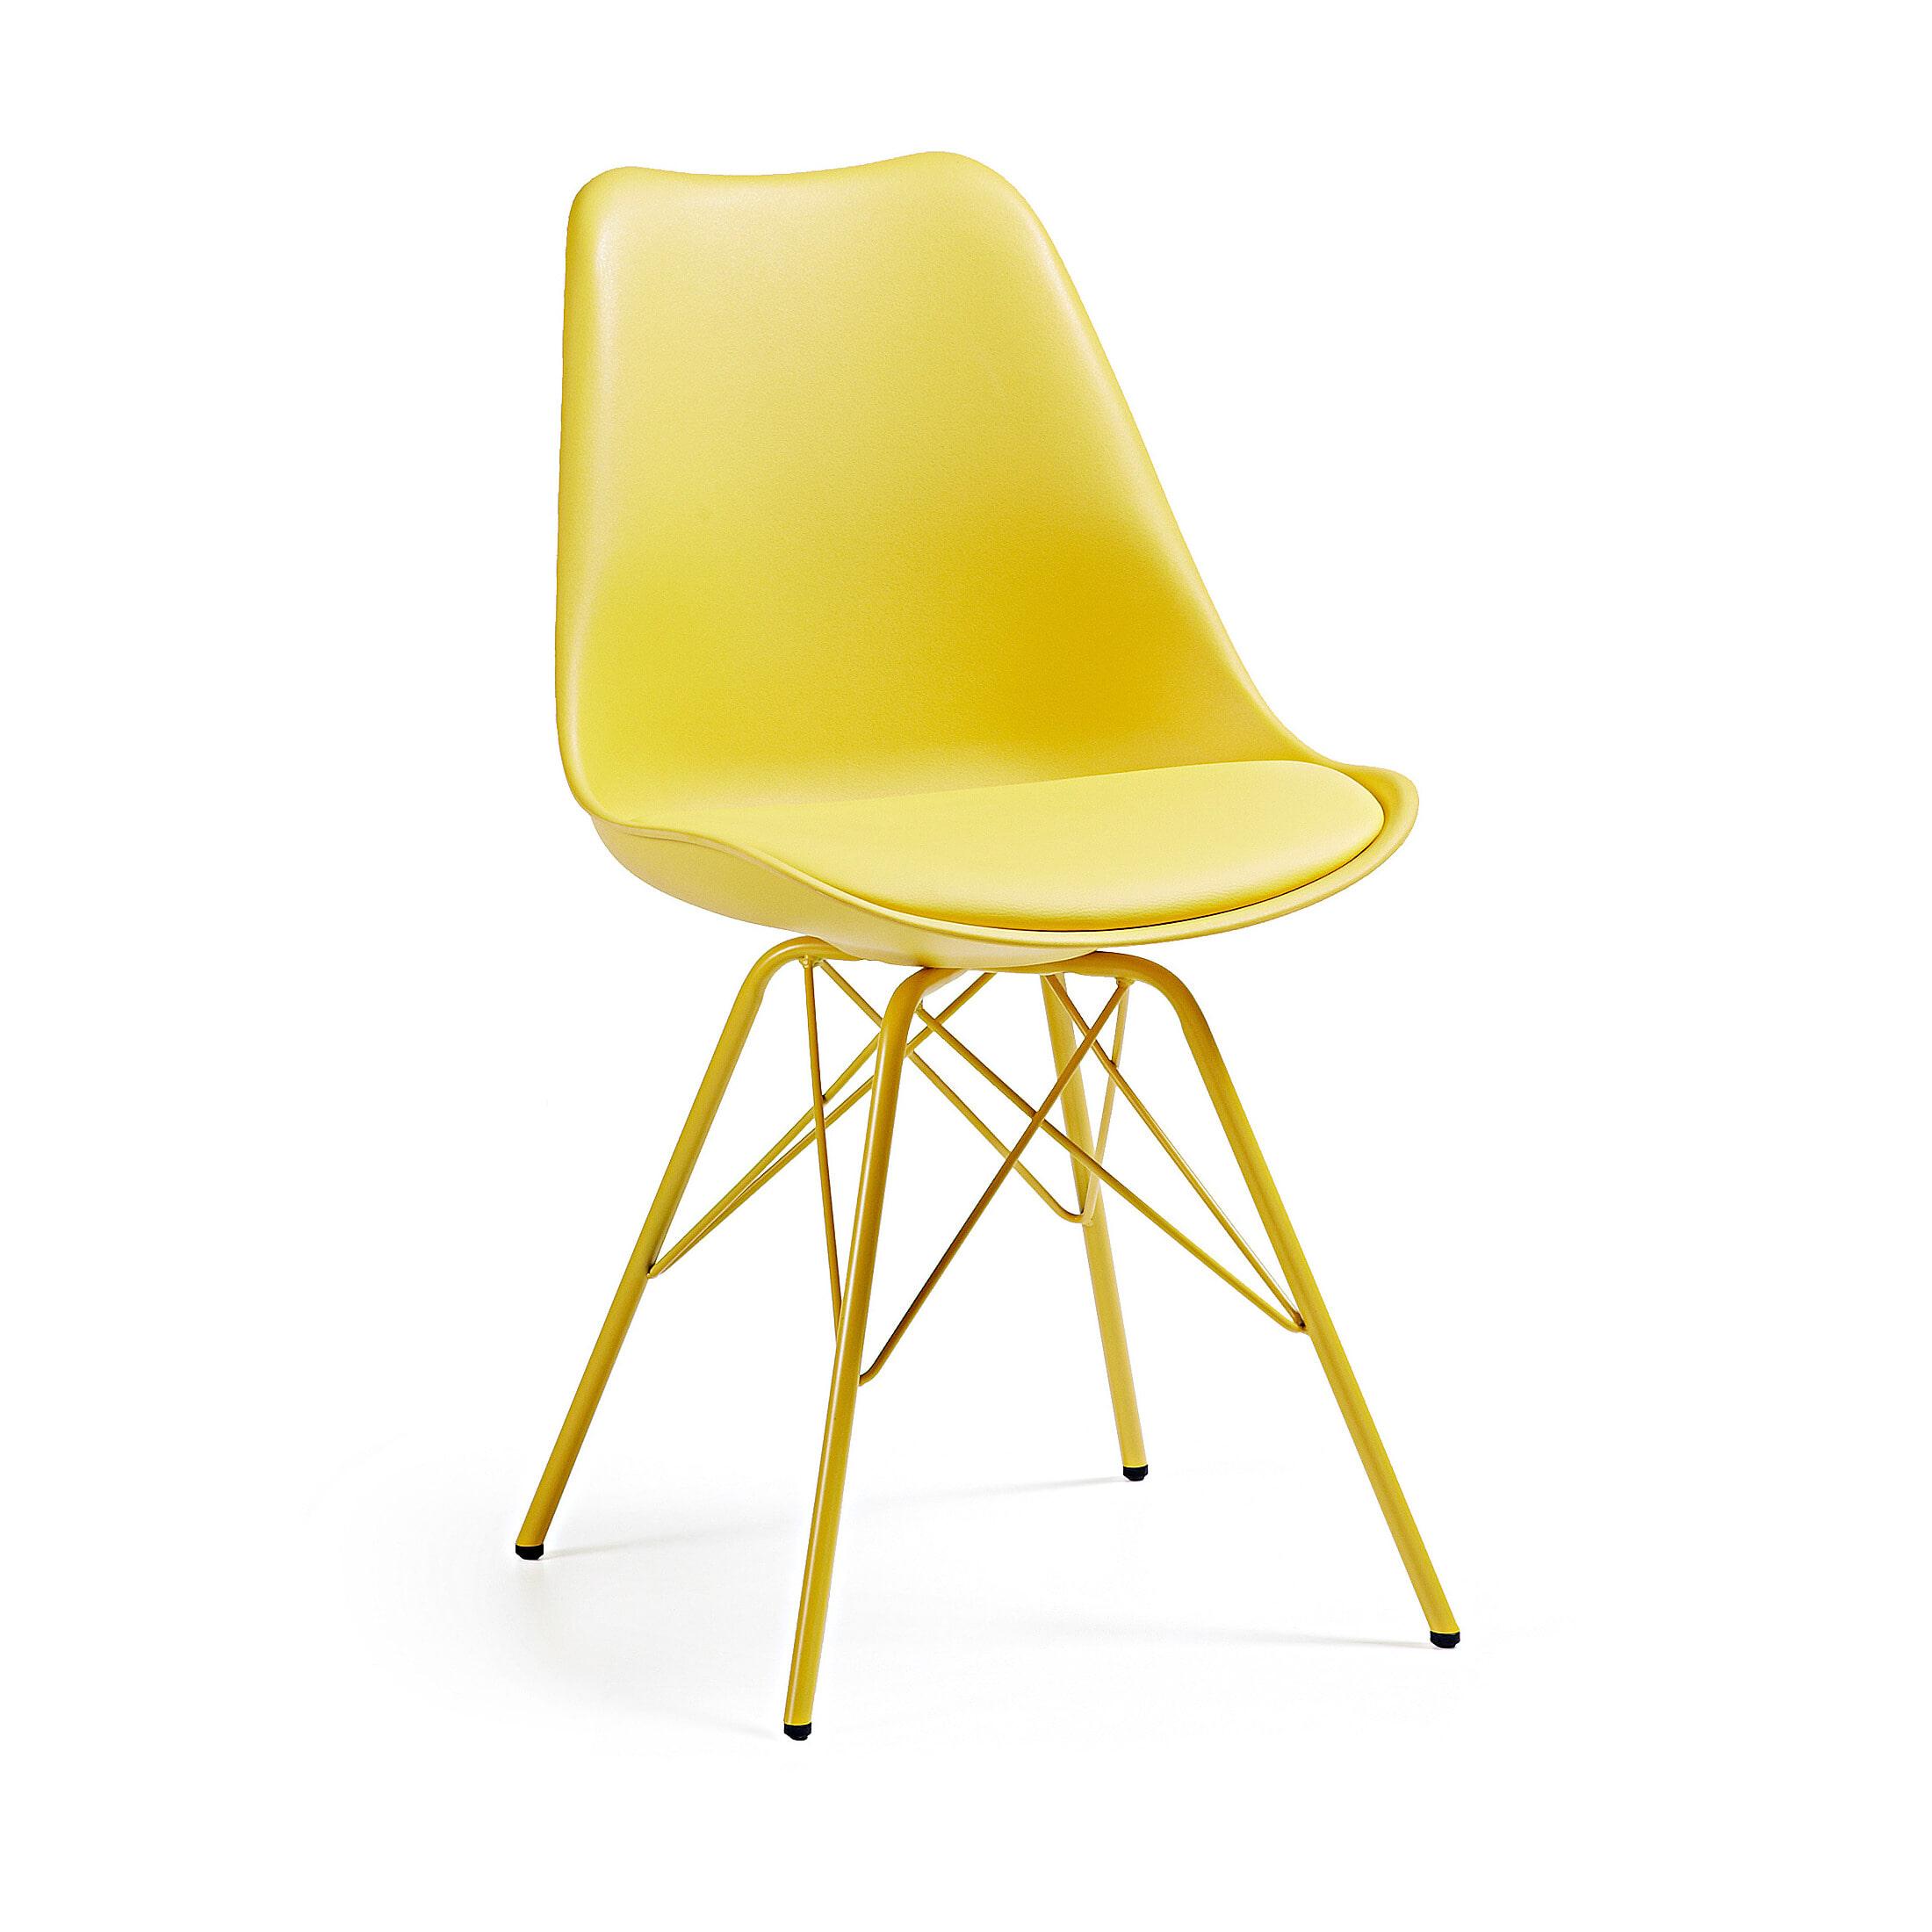 Kave Home Eetkamerstoel - Kuipstoel 'Ralf', kleur geel